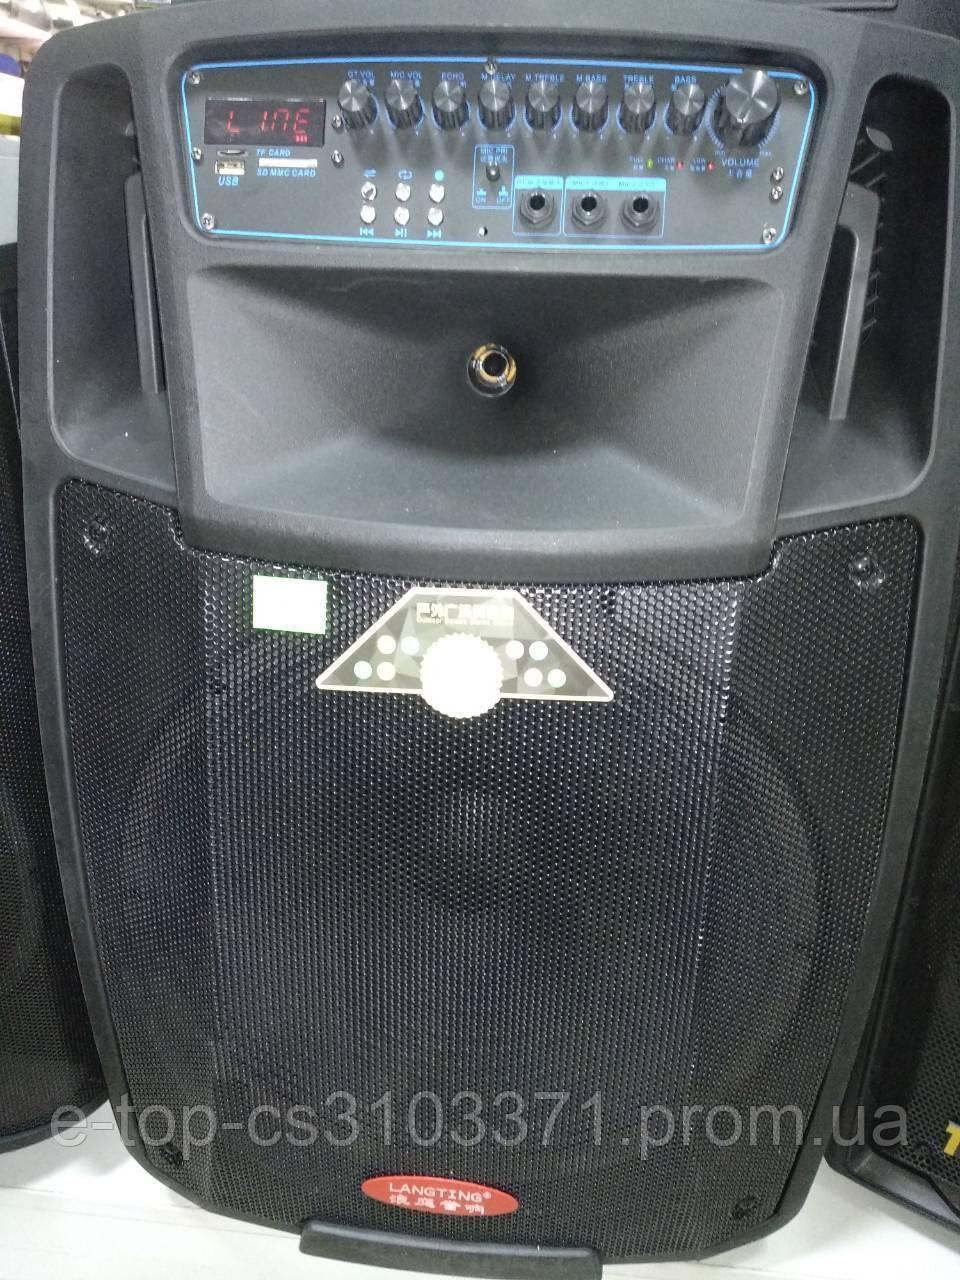 Колонка TEMEISHENG SL10-01 с микрофонами Bluetooth